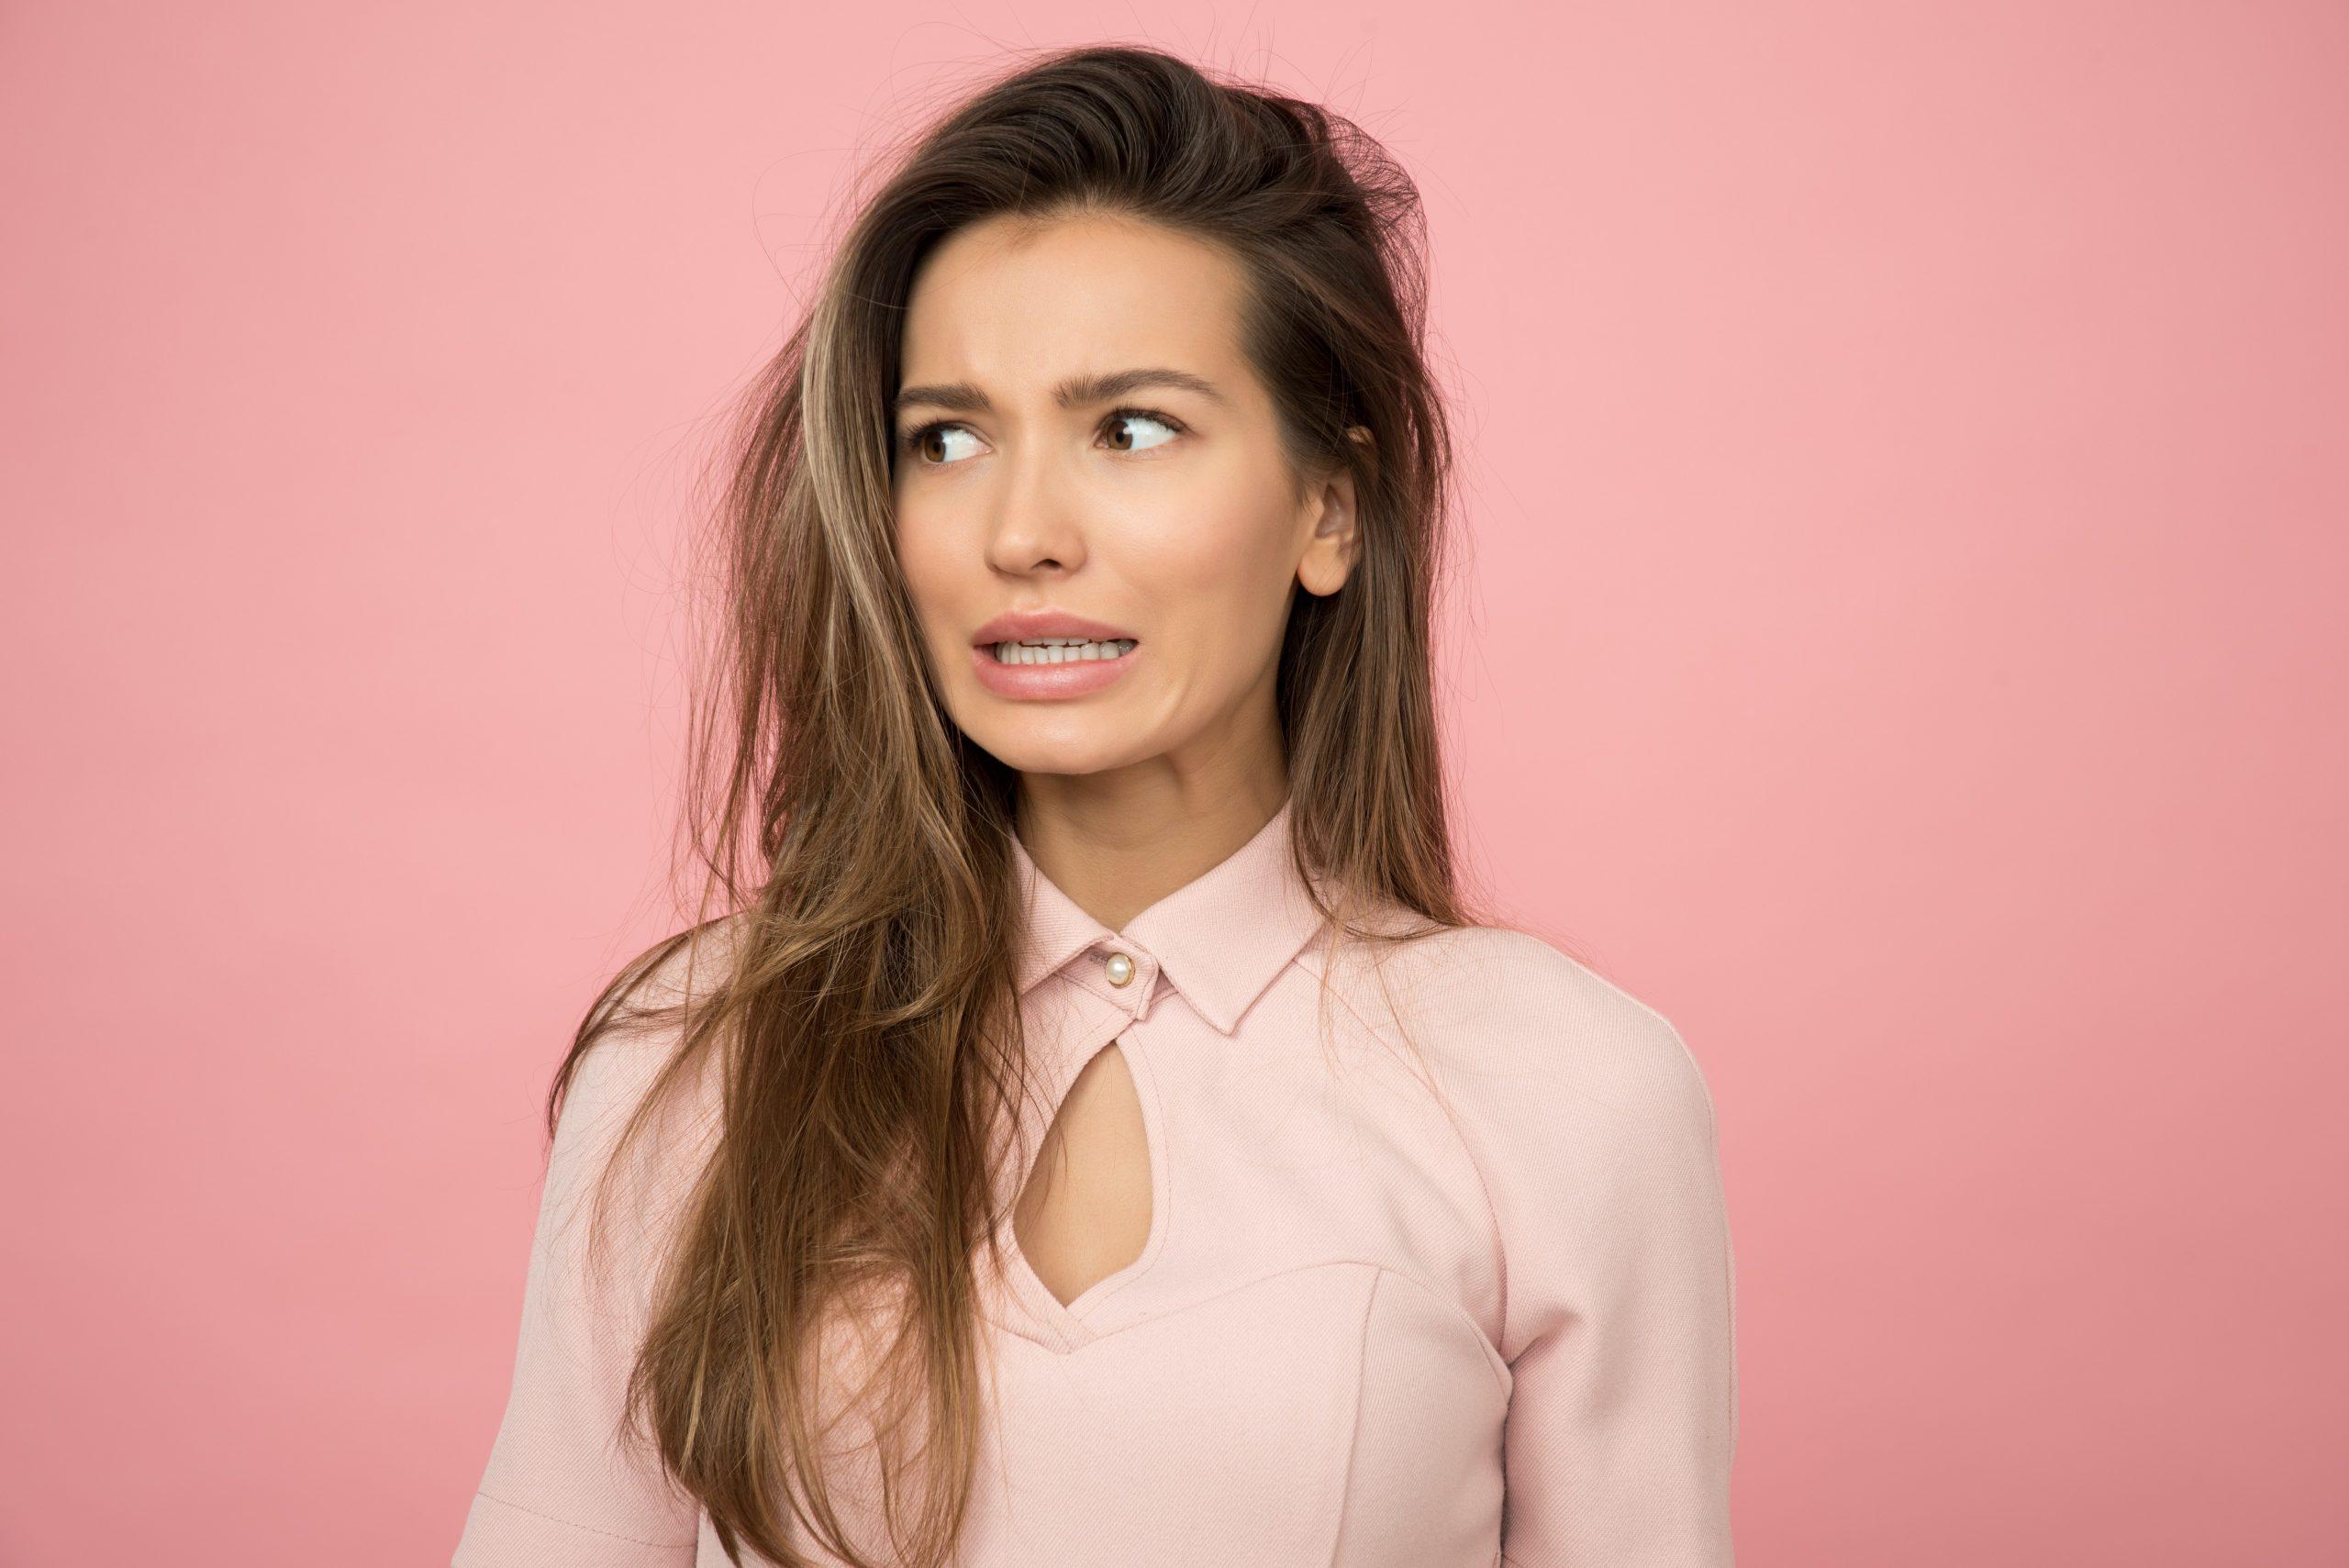 Imagem de uma mulher com expressão assustada.